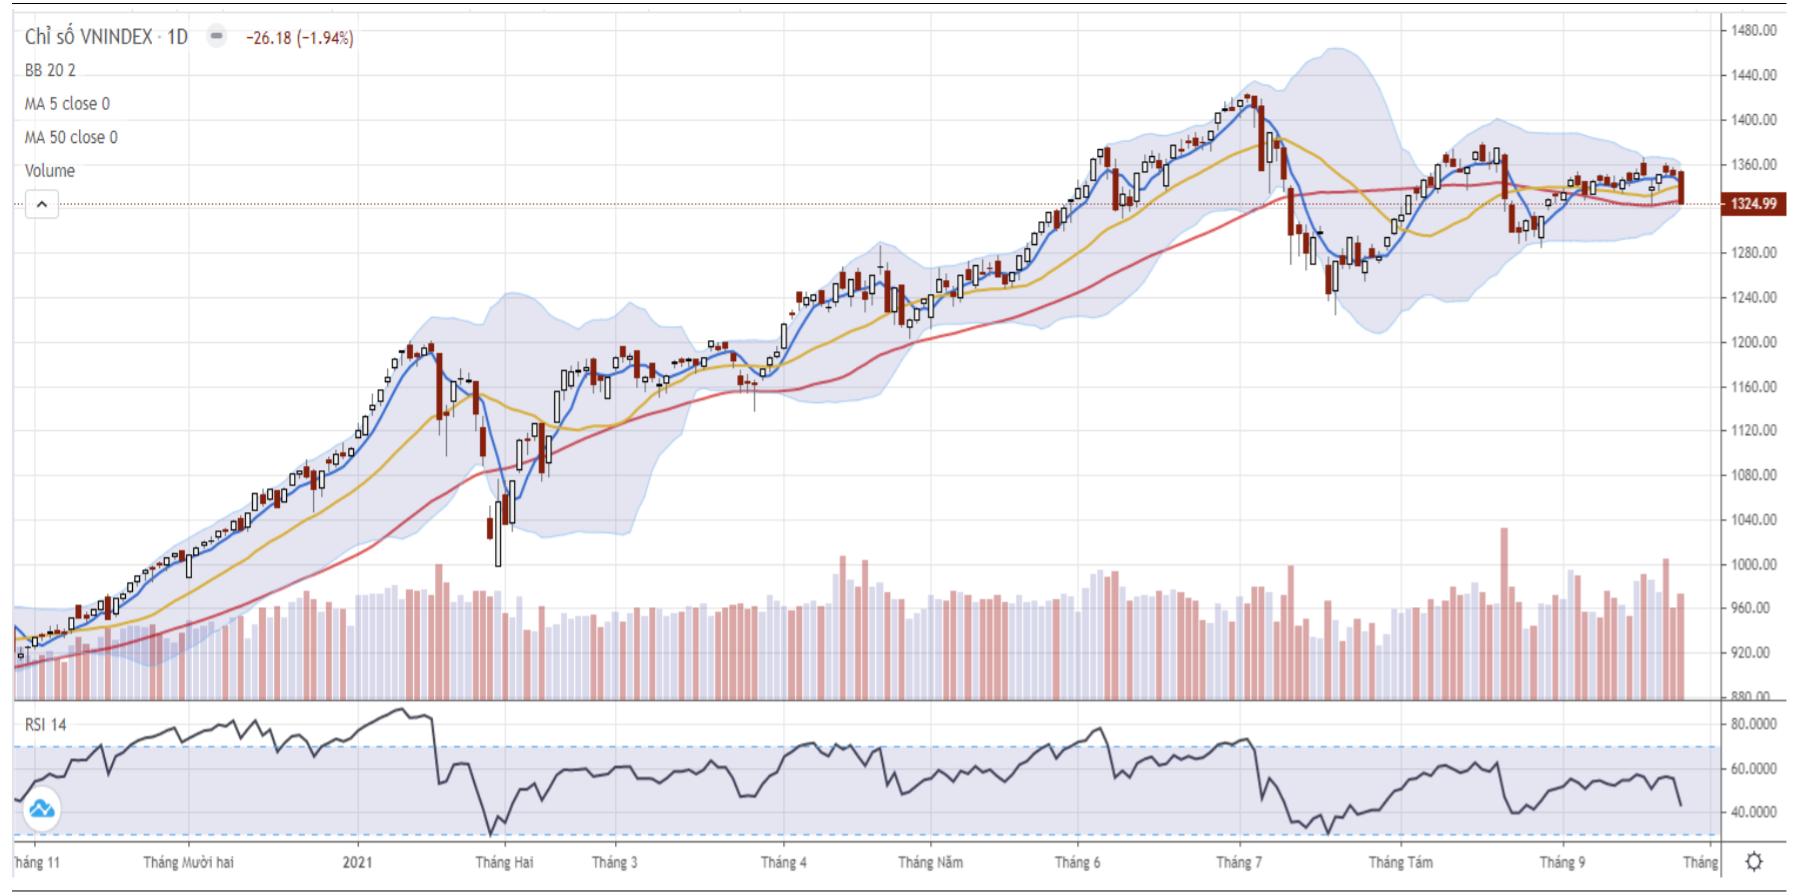 Nhận định thị trường chứng khoán ngày 28/9: Cơ hội xuất hiện nhịp hồi phục - Ảnh 1.